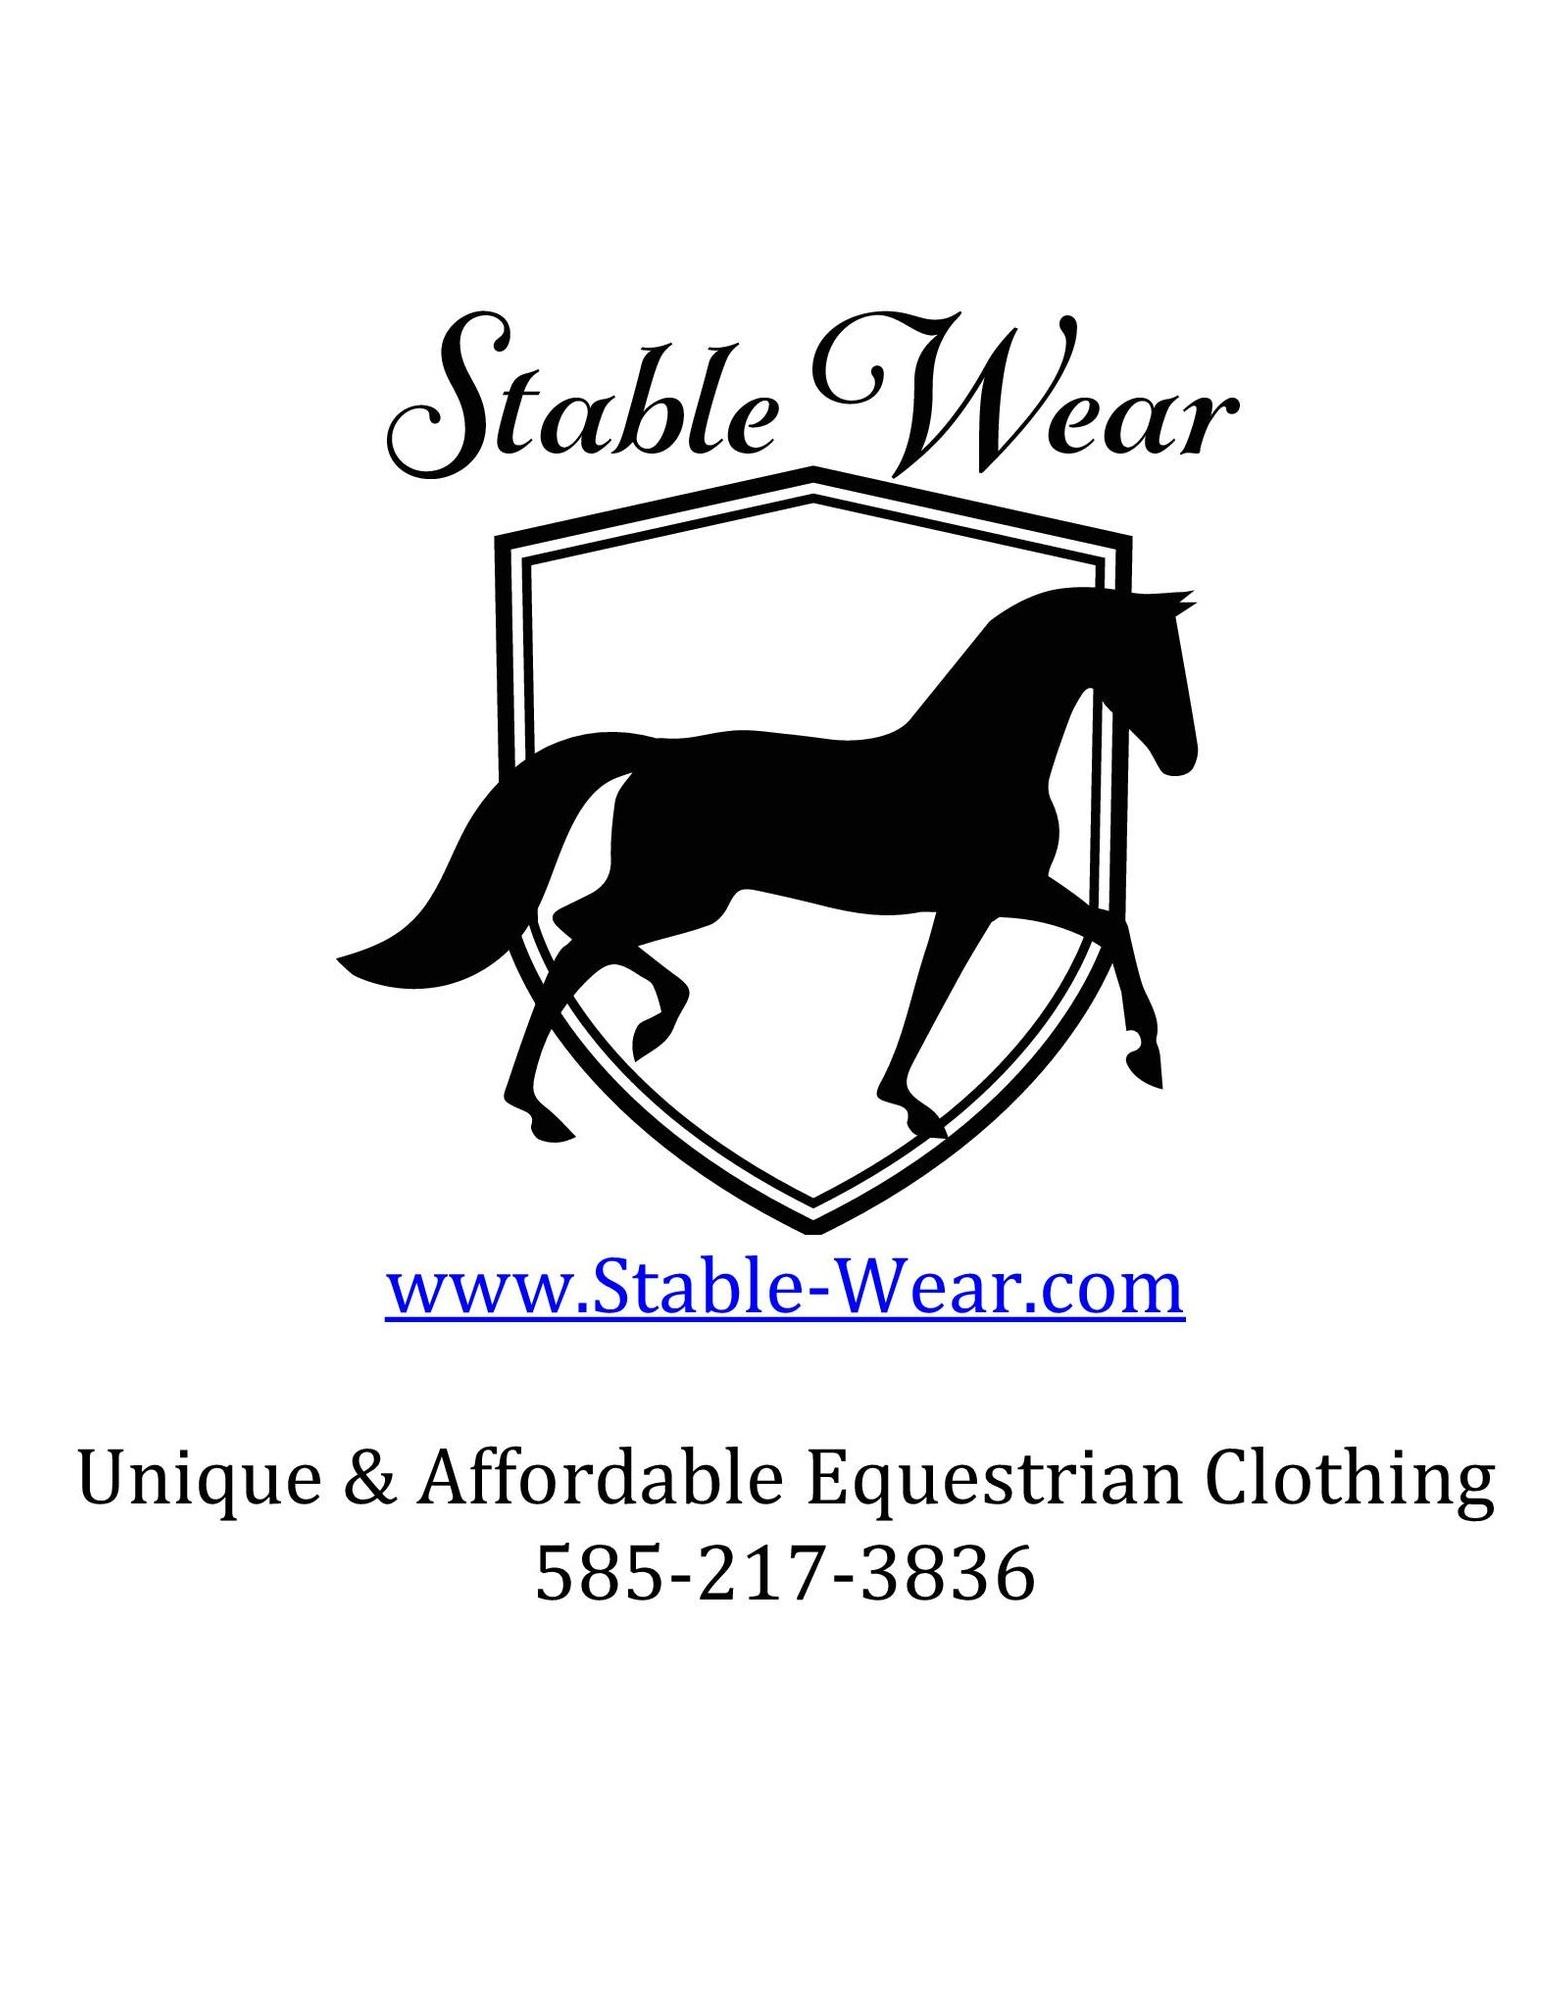 Stable Wear